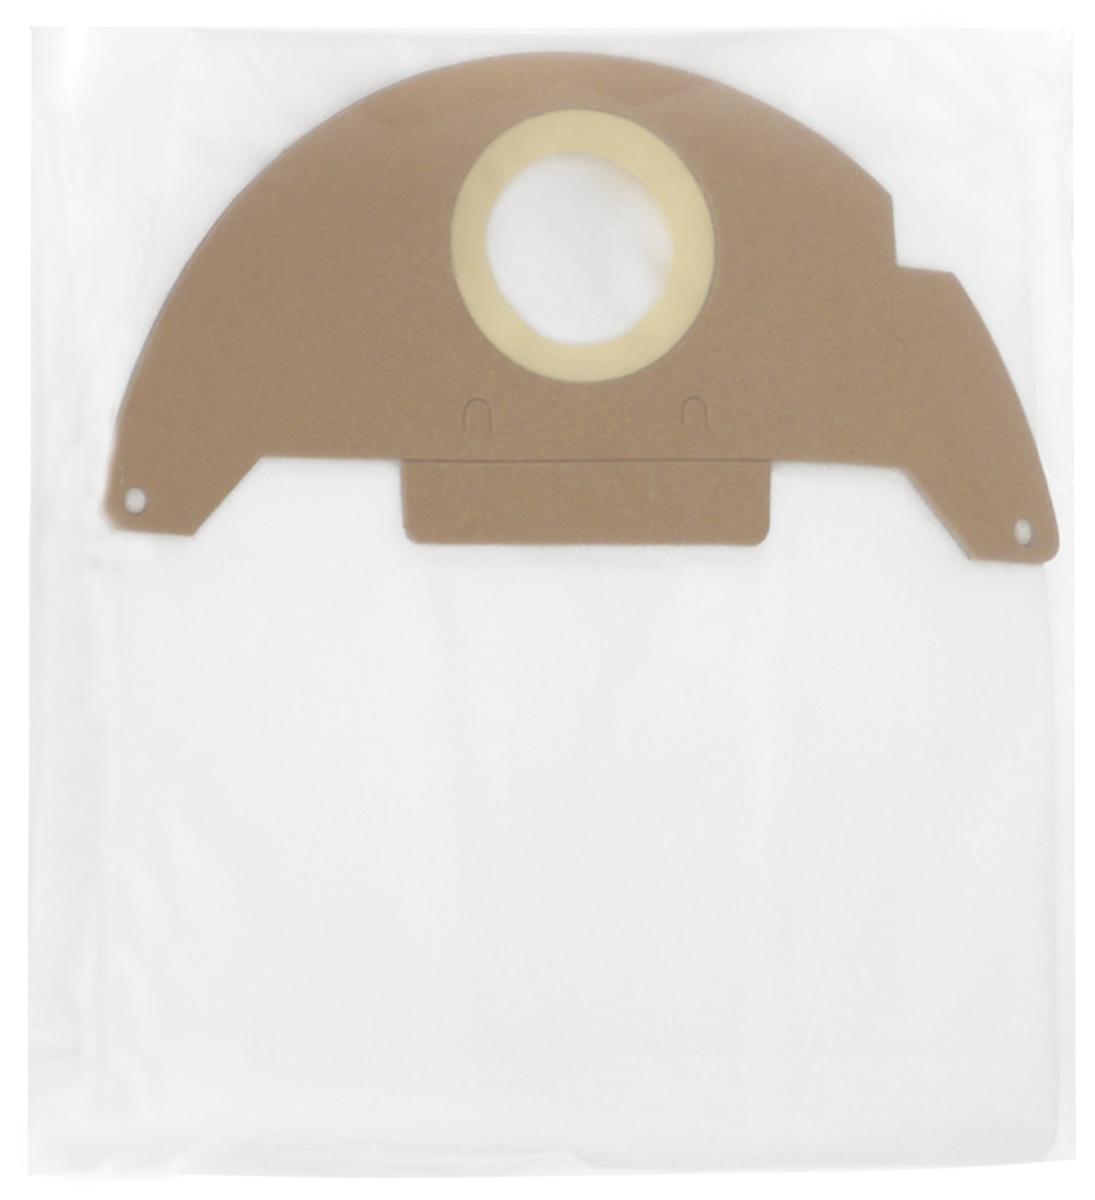 Filtero KAR 10 Pro комплект пылесборников для промышленных пылесосов, 4 шт